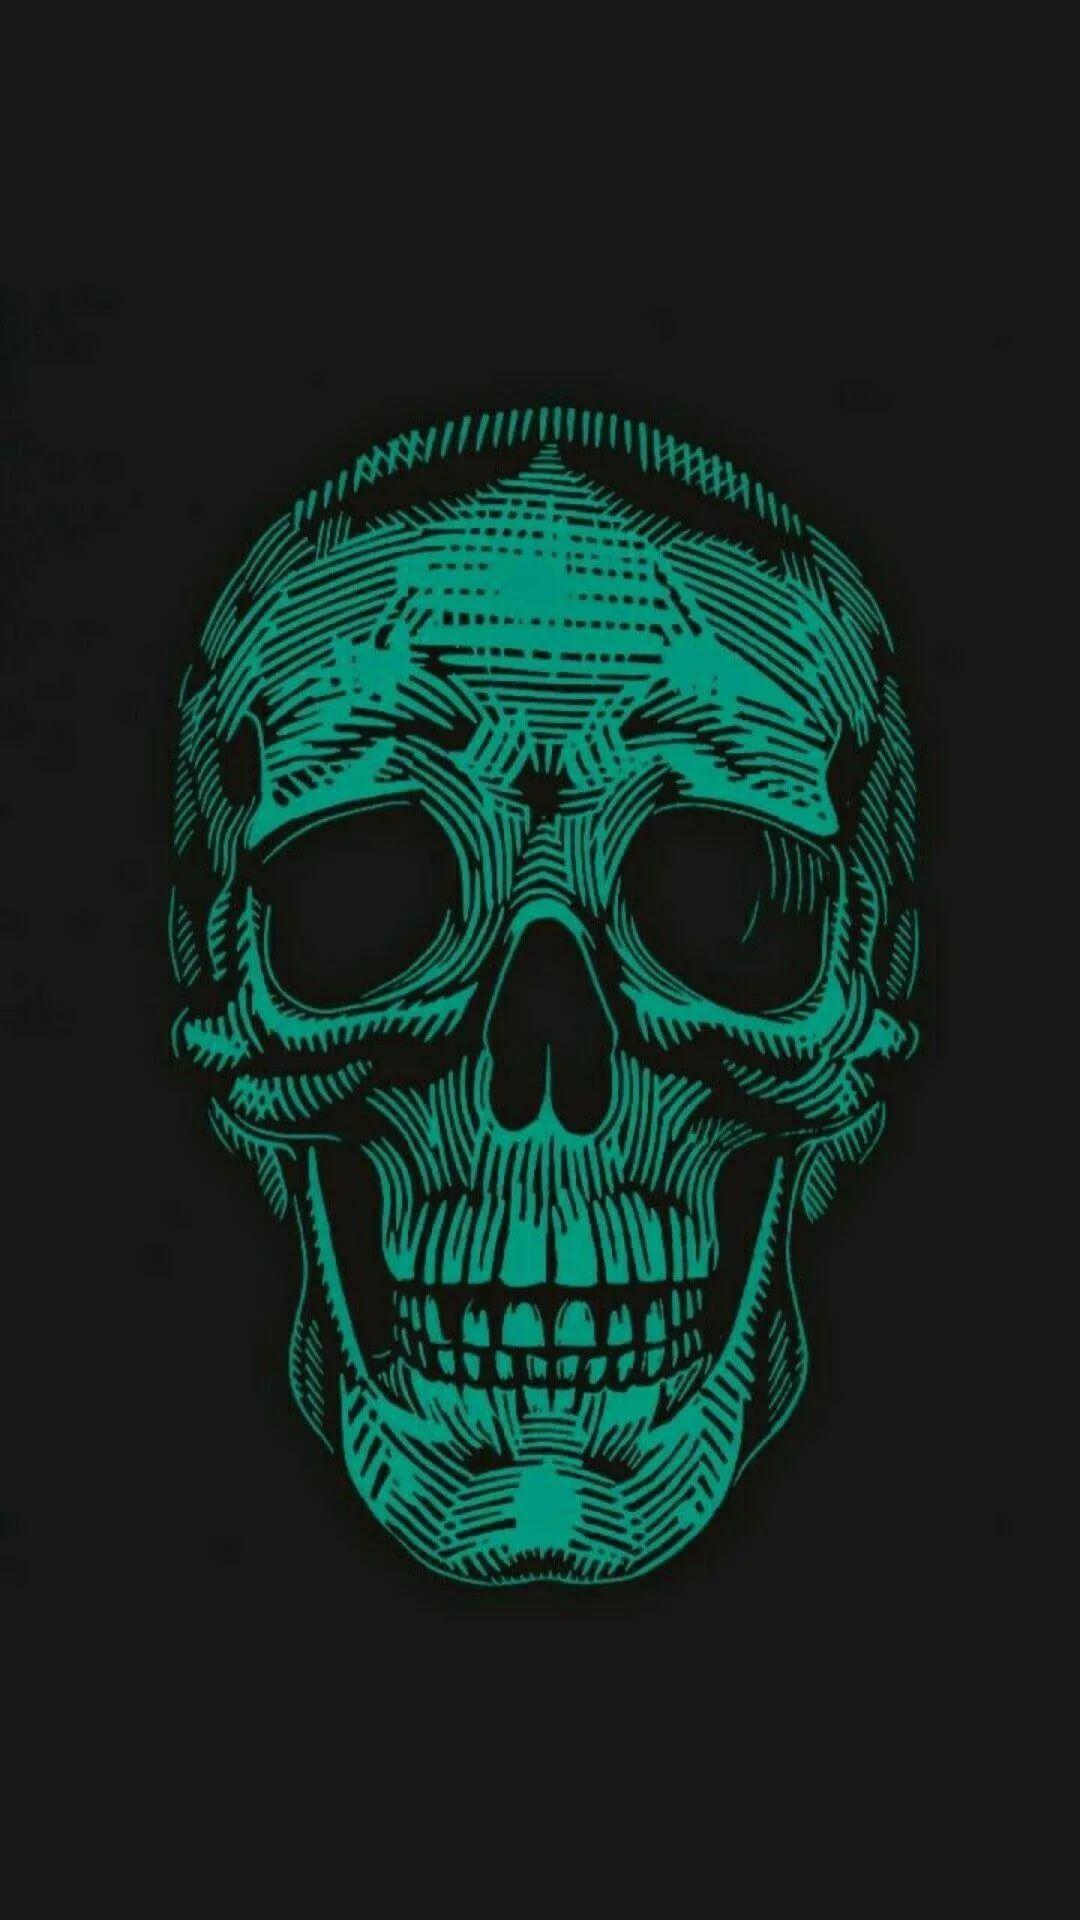 Skeleton iPhone xs wallpaper